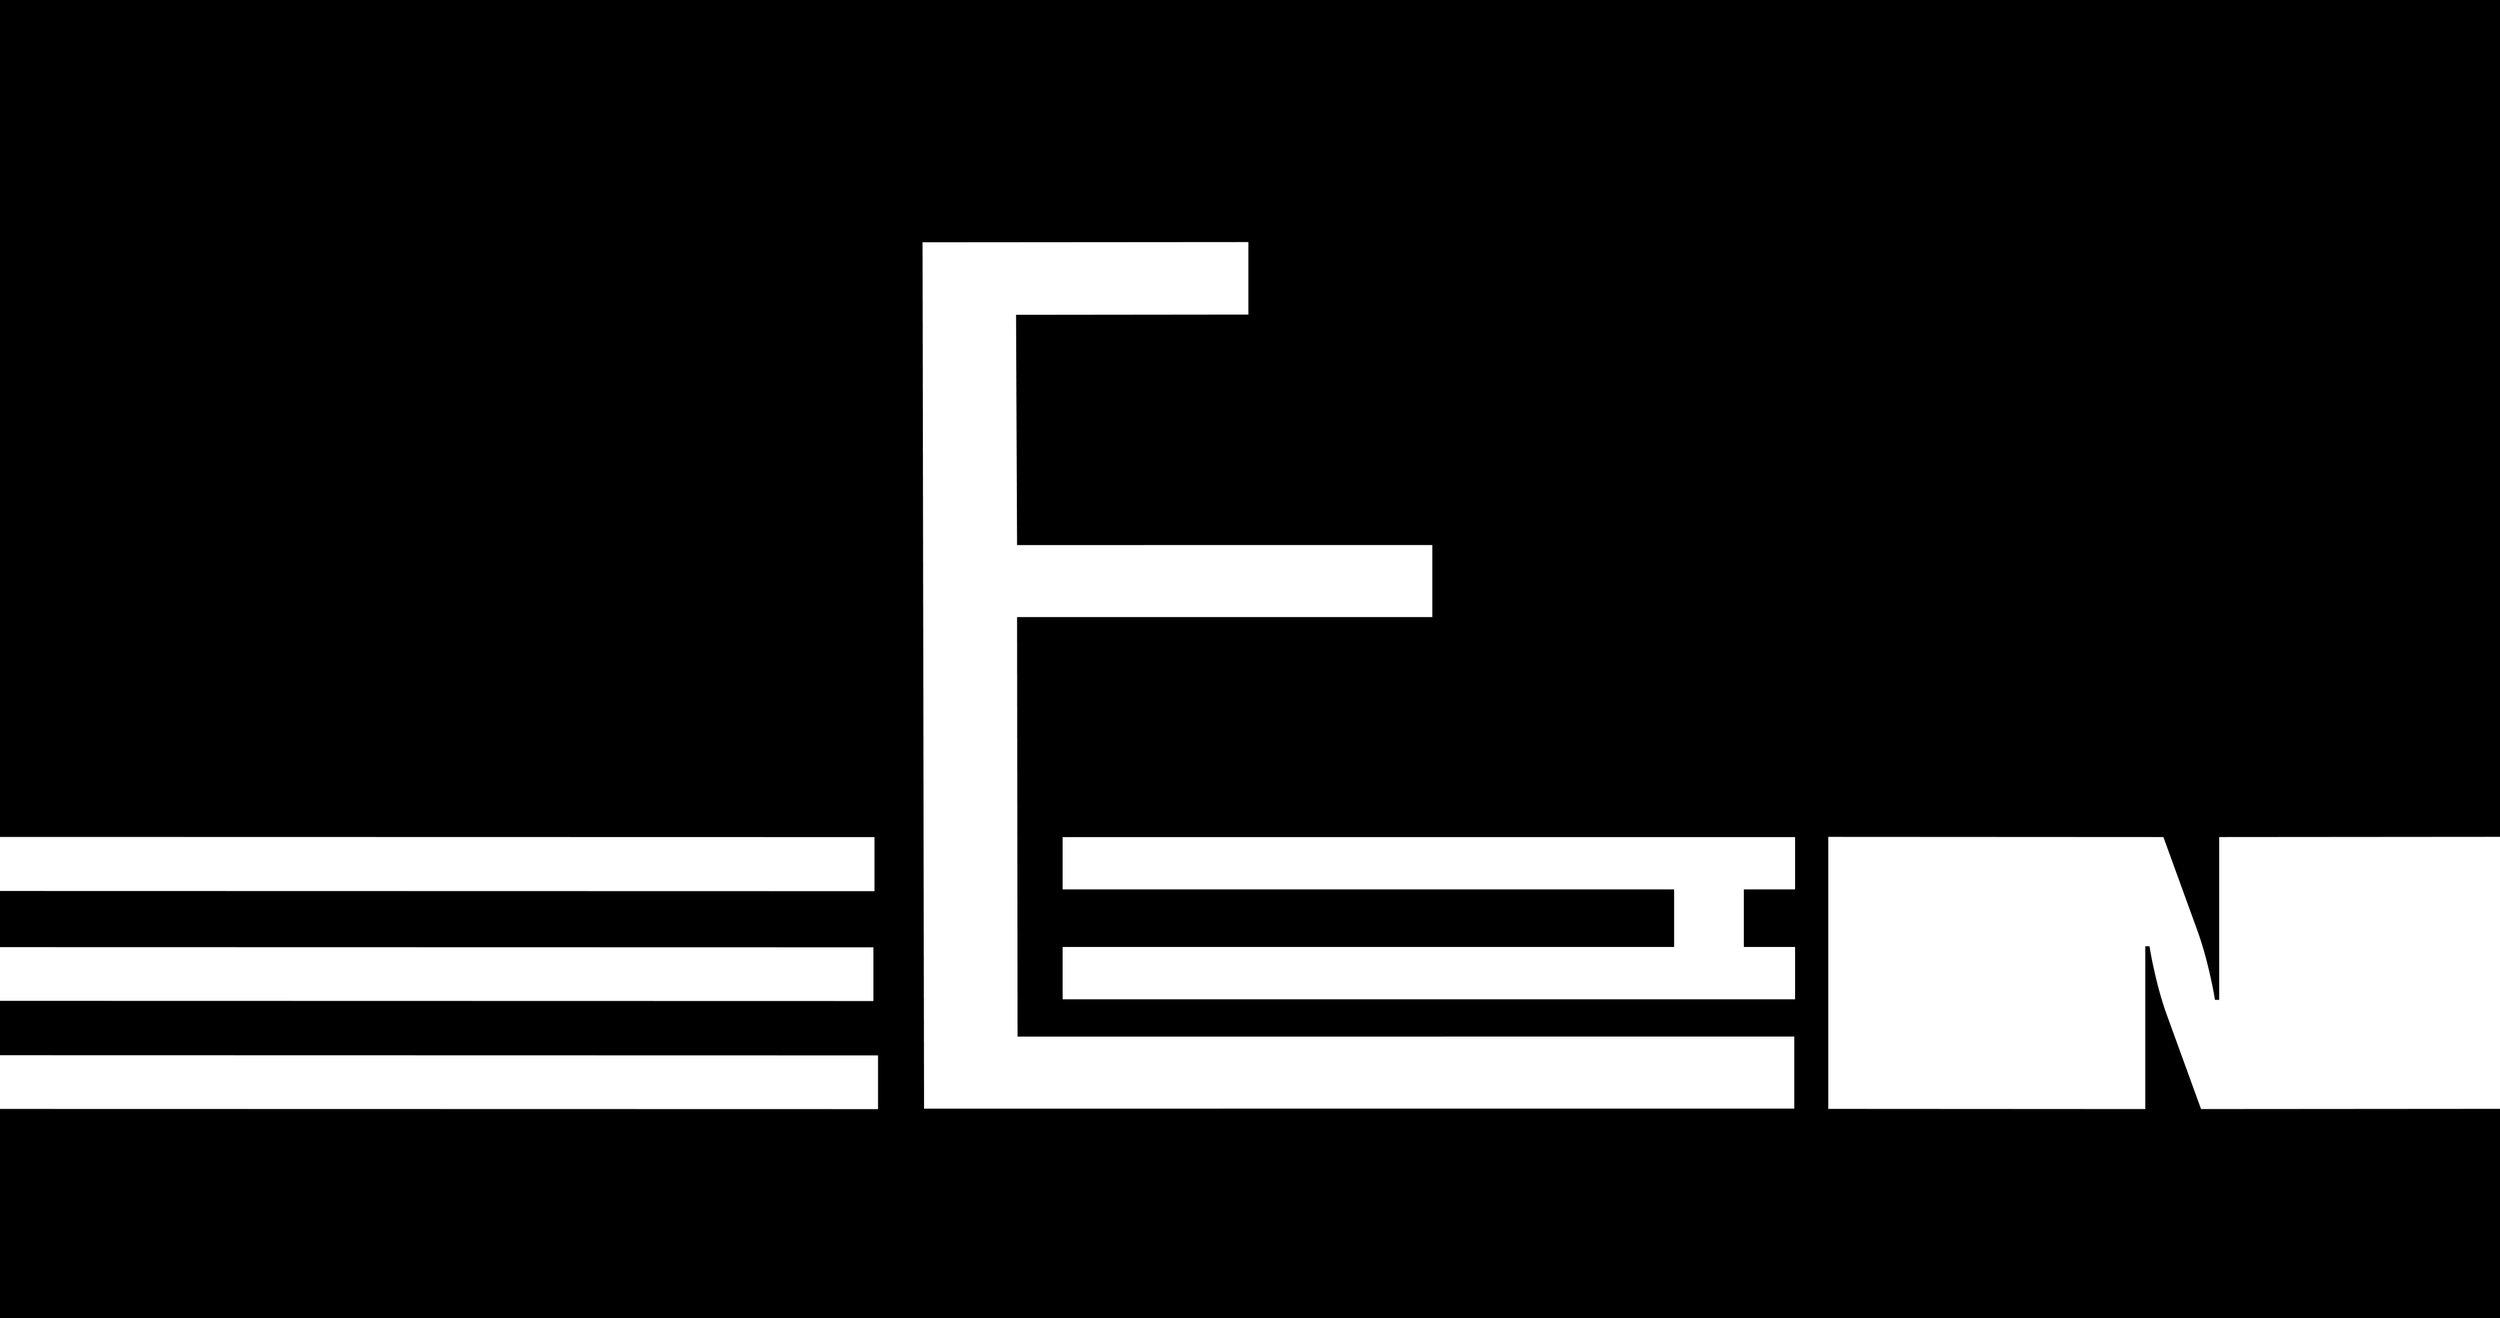 ES_017.jpg